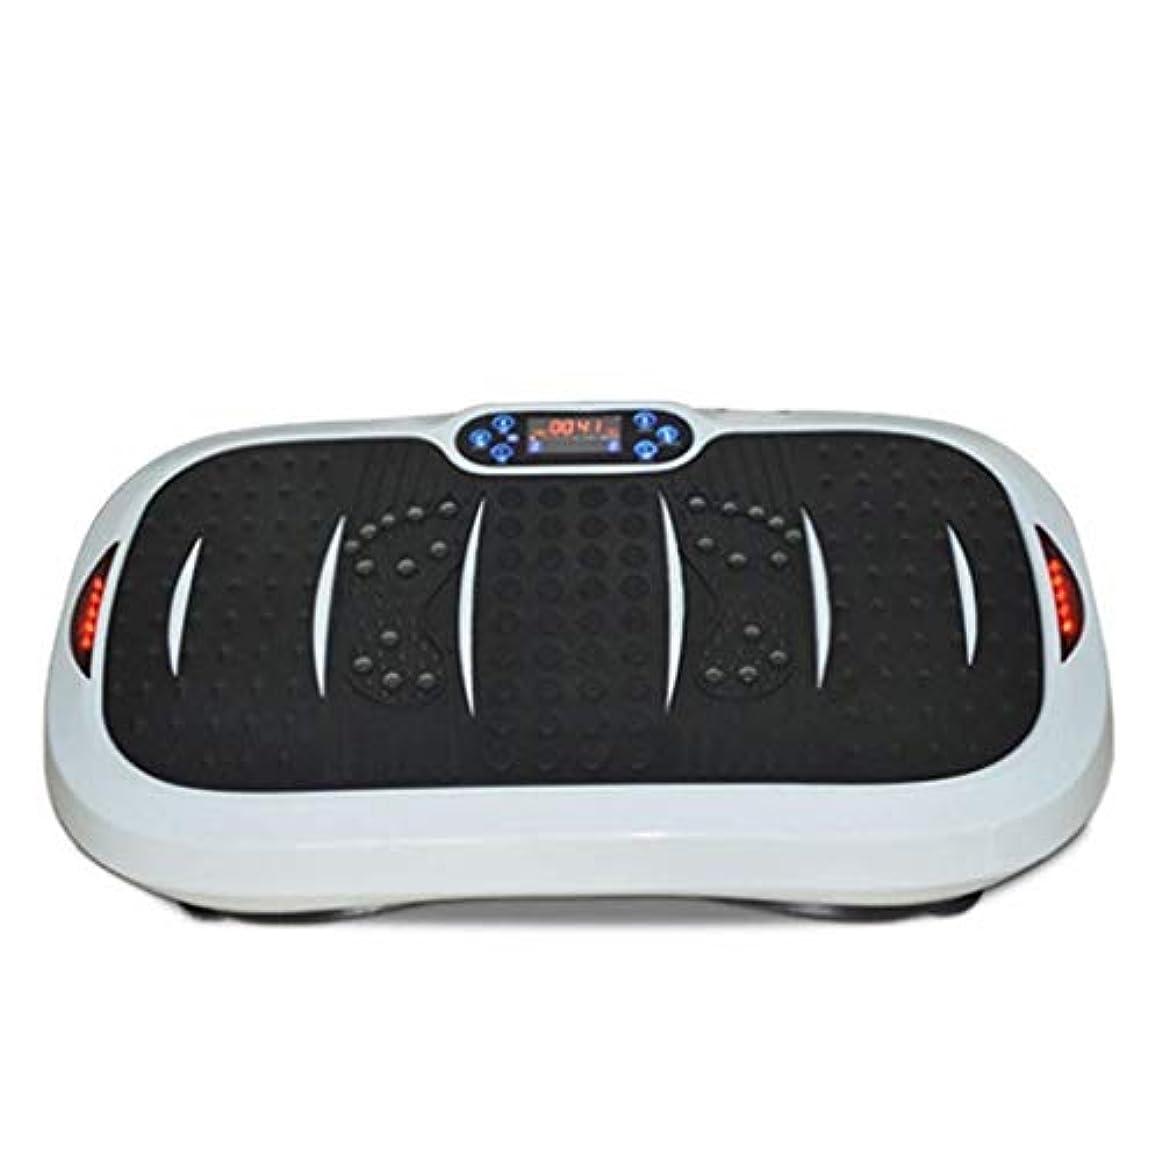 瞳不条理検出家庭用減量装置、超薄型振動フィットネストレーナー、スポーツおよび3Dフィットネス振動プレート、USB音楽/スピーカー付き/ 99レベル減速ボディおよびタッチディスプレイ滑り止め表面